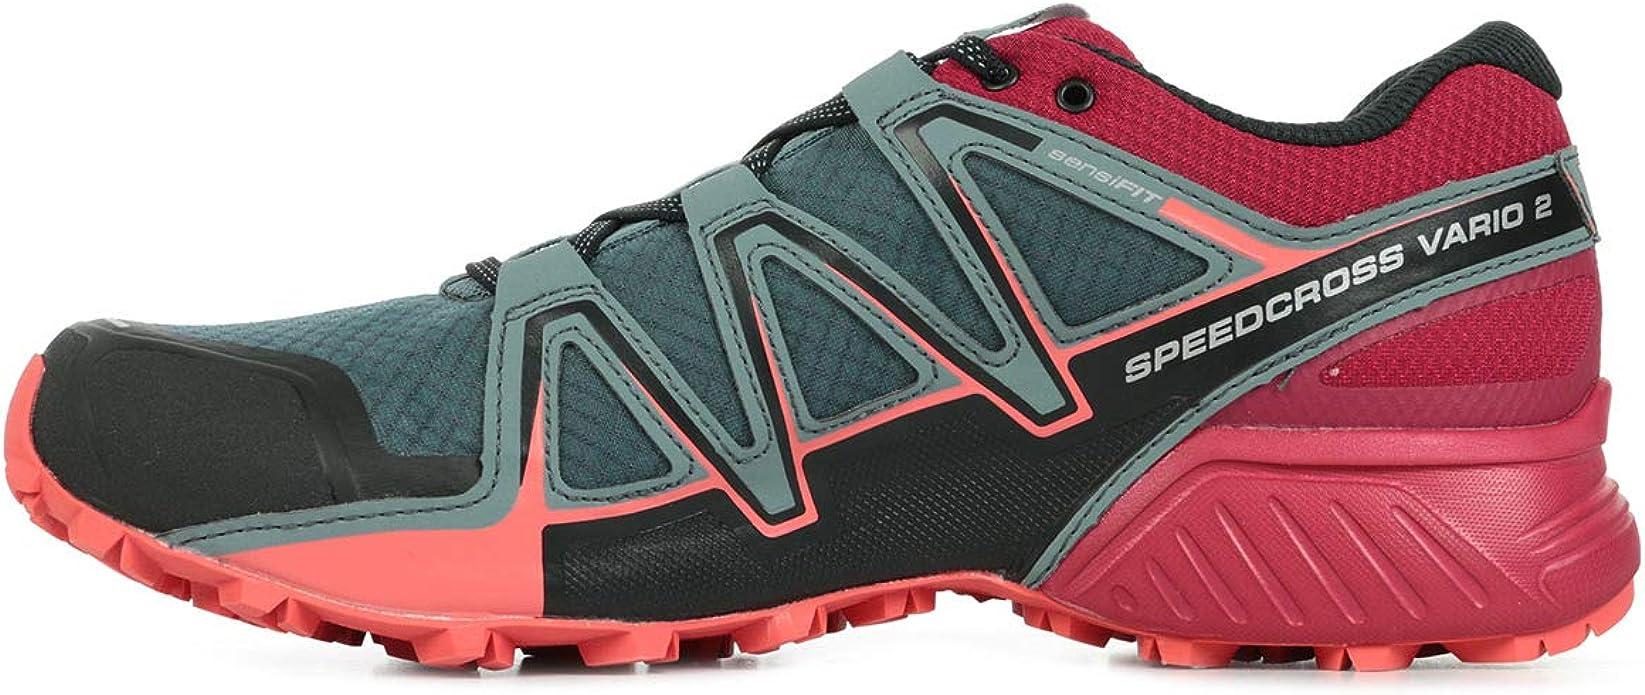 SALOMON Speedcross Vario 2 W, Zapatillas de Running para Asfalto para Mujer: Amazon.es: Zapatos y complementos